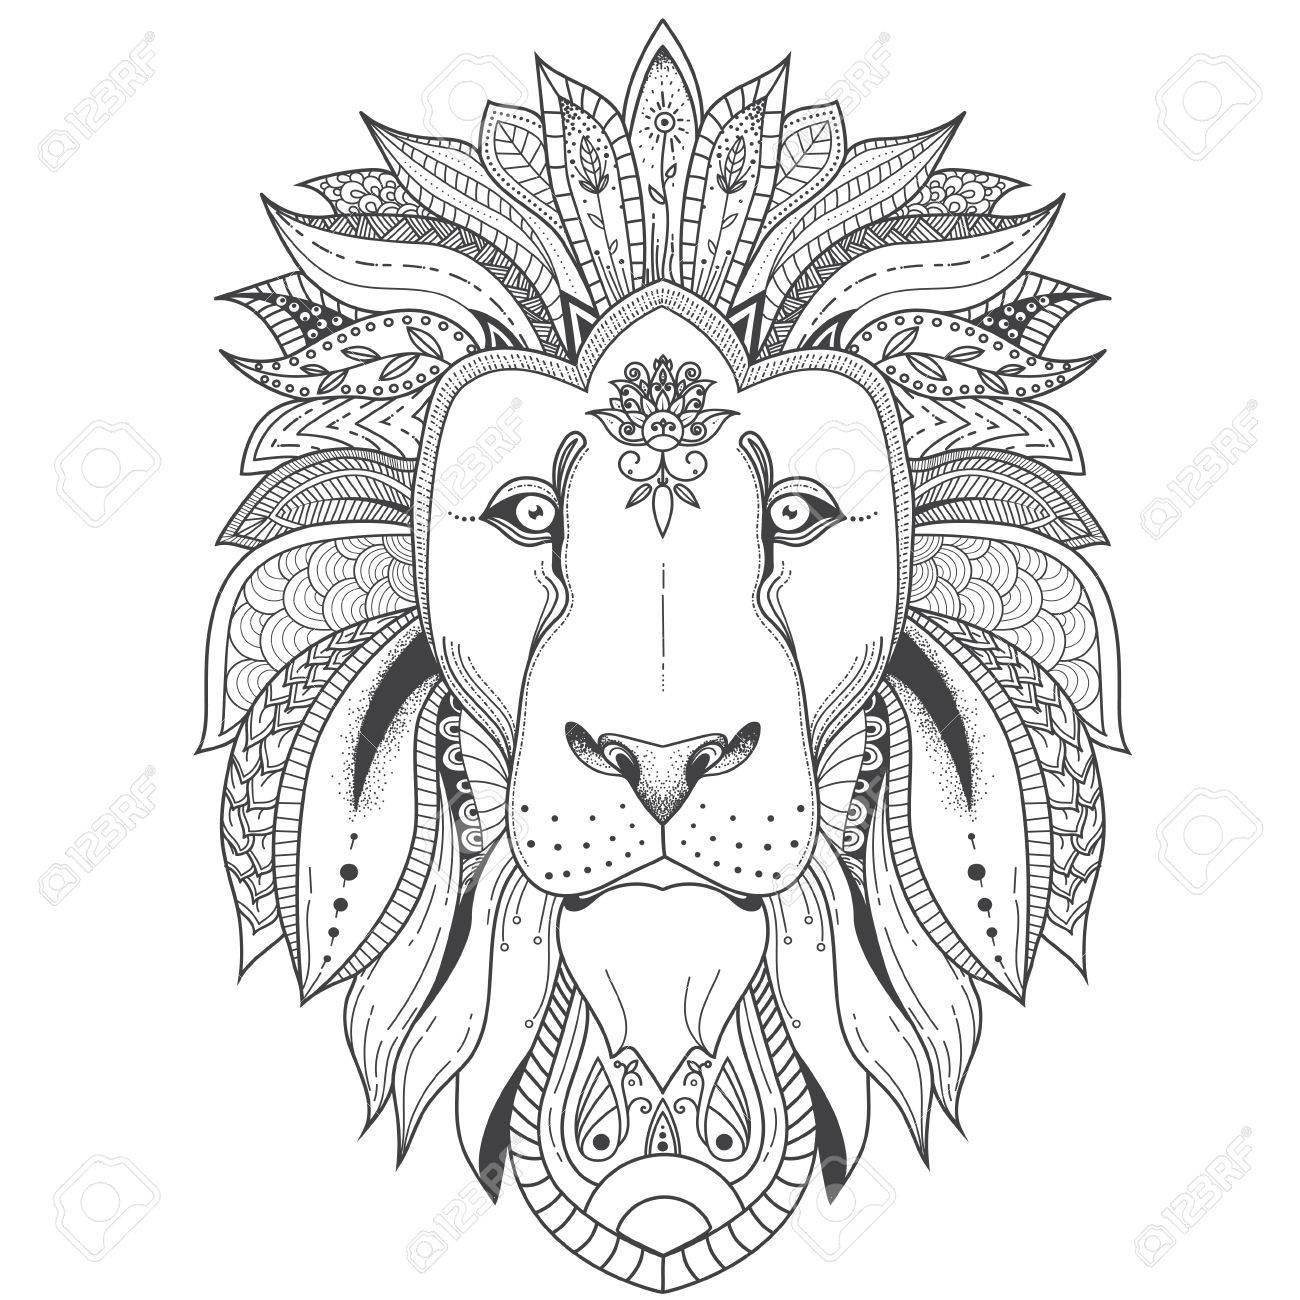 Ilustración De León Con Patrones De Mandala Tribales. Úselo Para ...